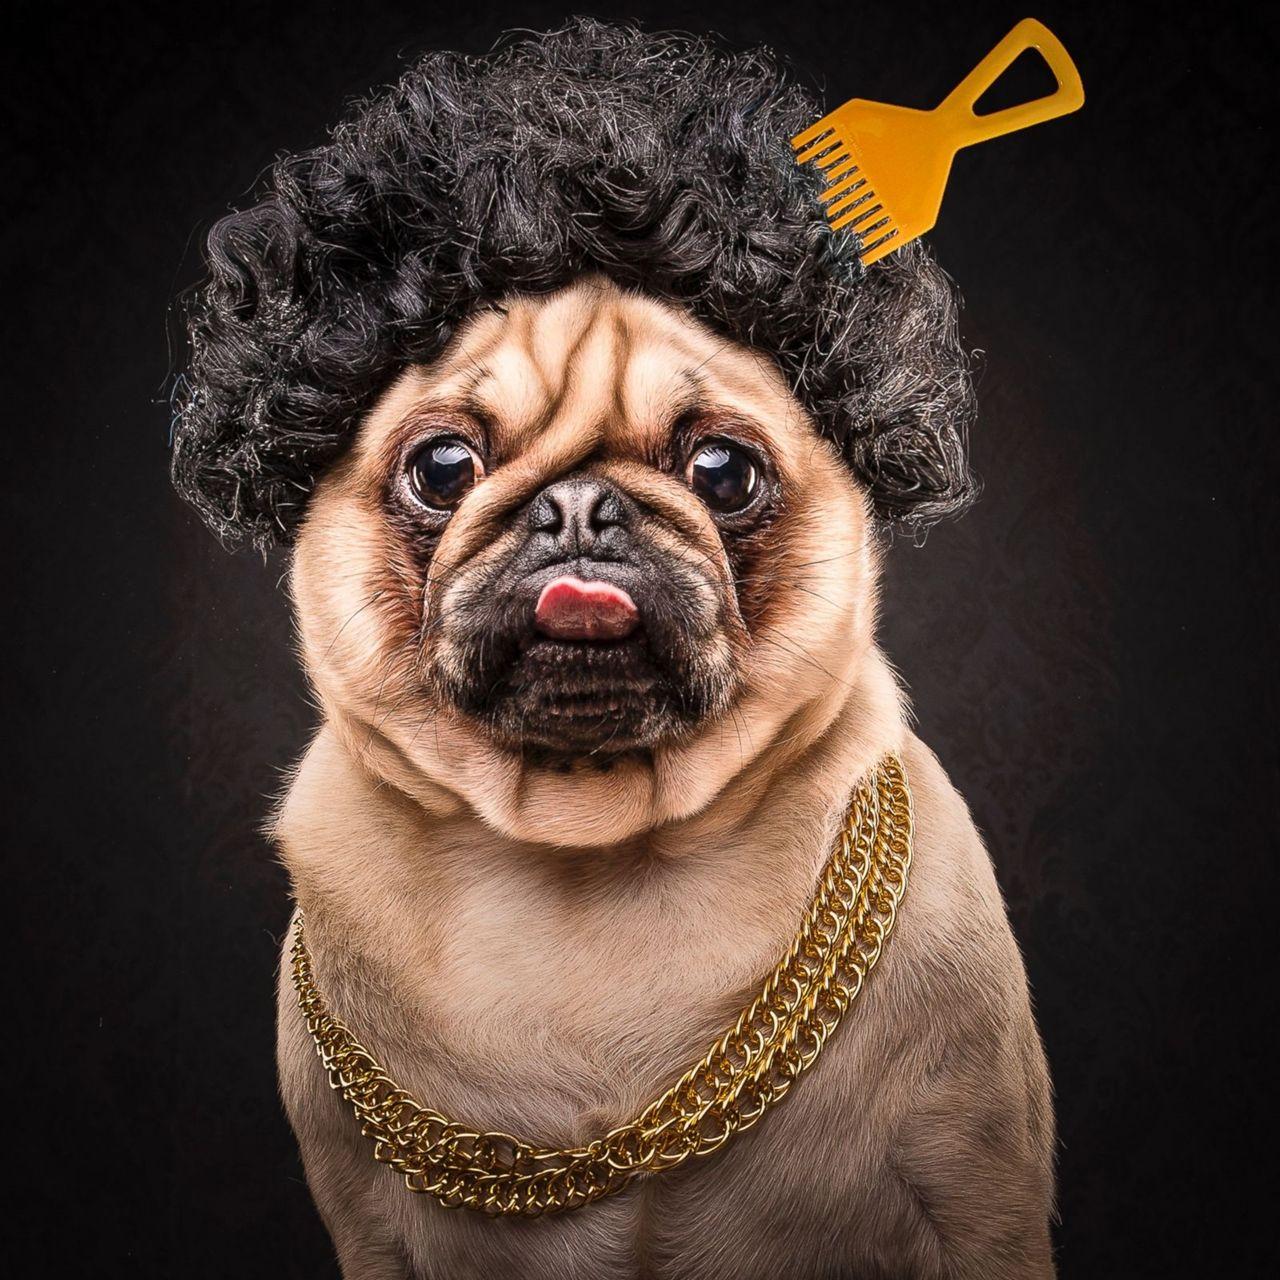 Нового год, смешные картинки с изображением собаки